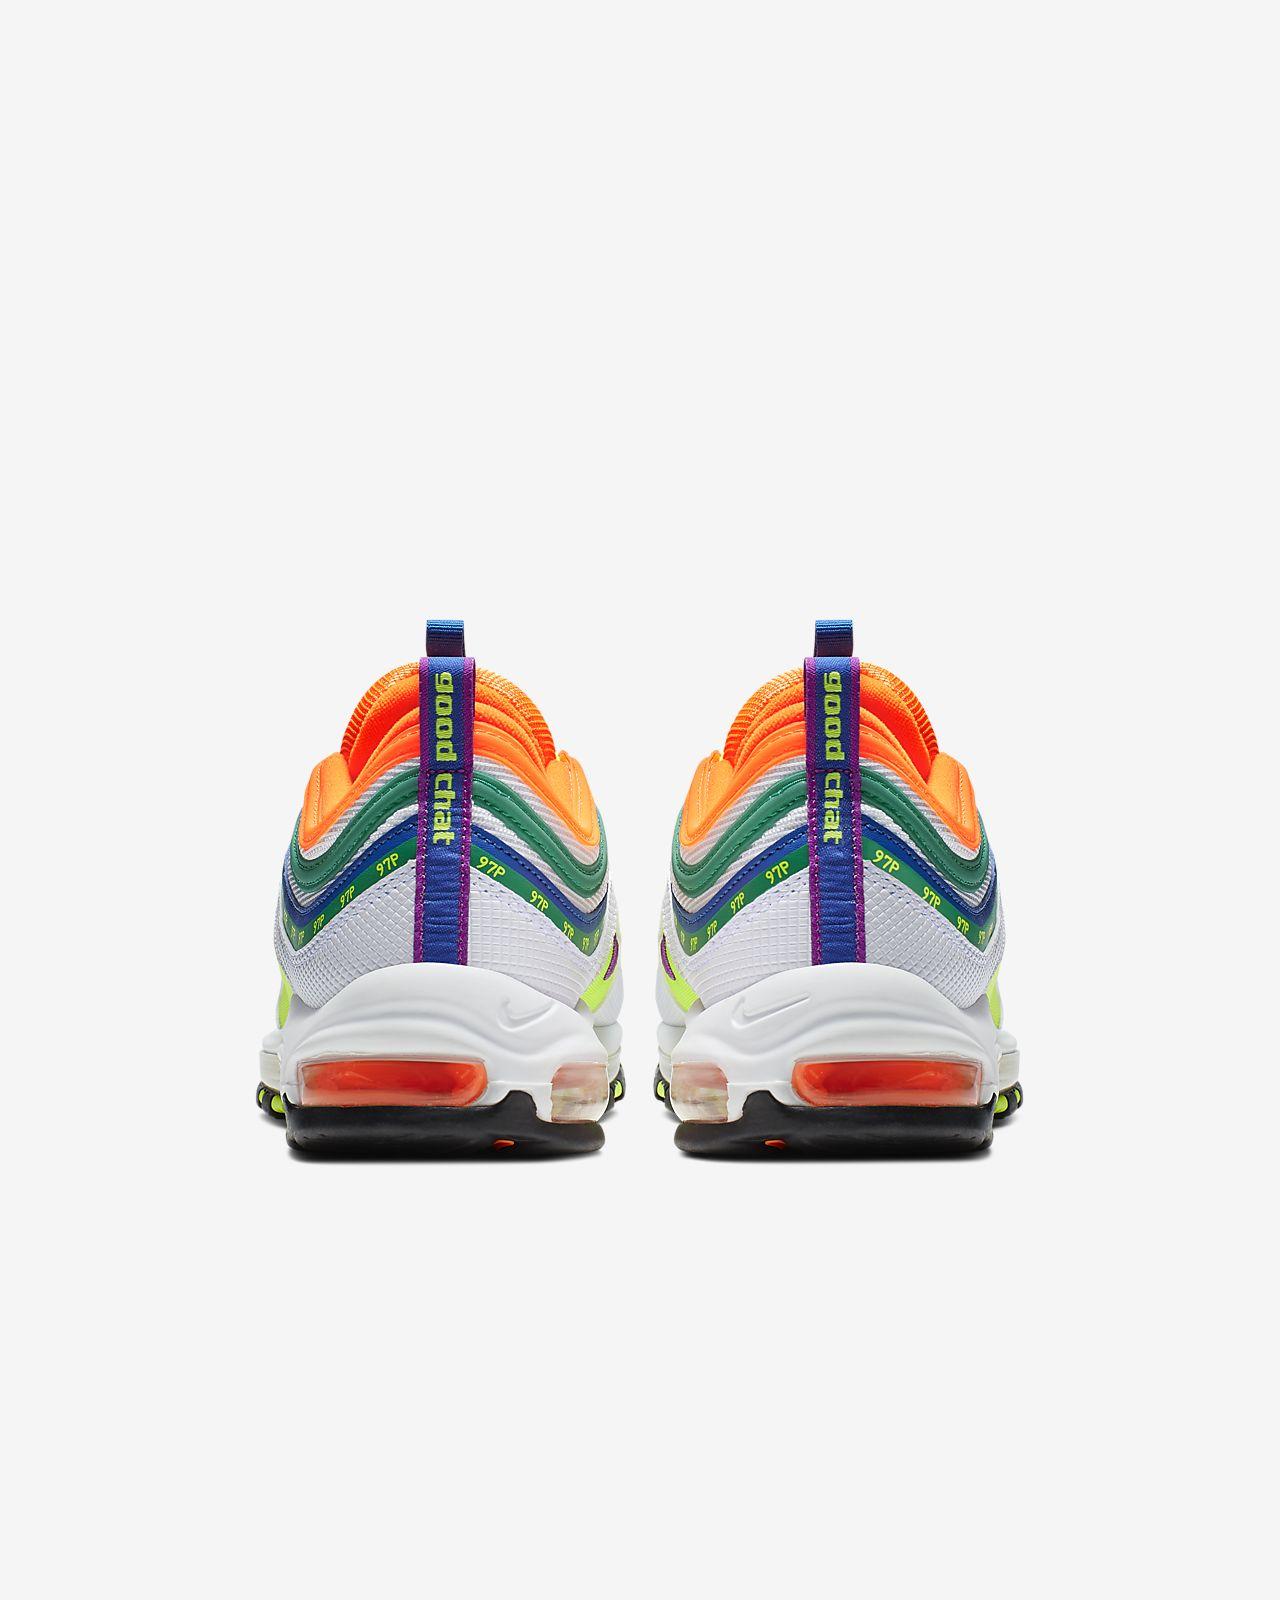 a9e8a116c0766 Chaussure Nike Air Max 97 On Air Jasmine Lasode. Nike.com LU